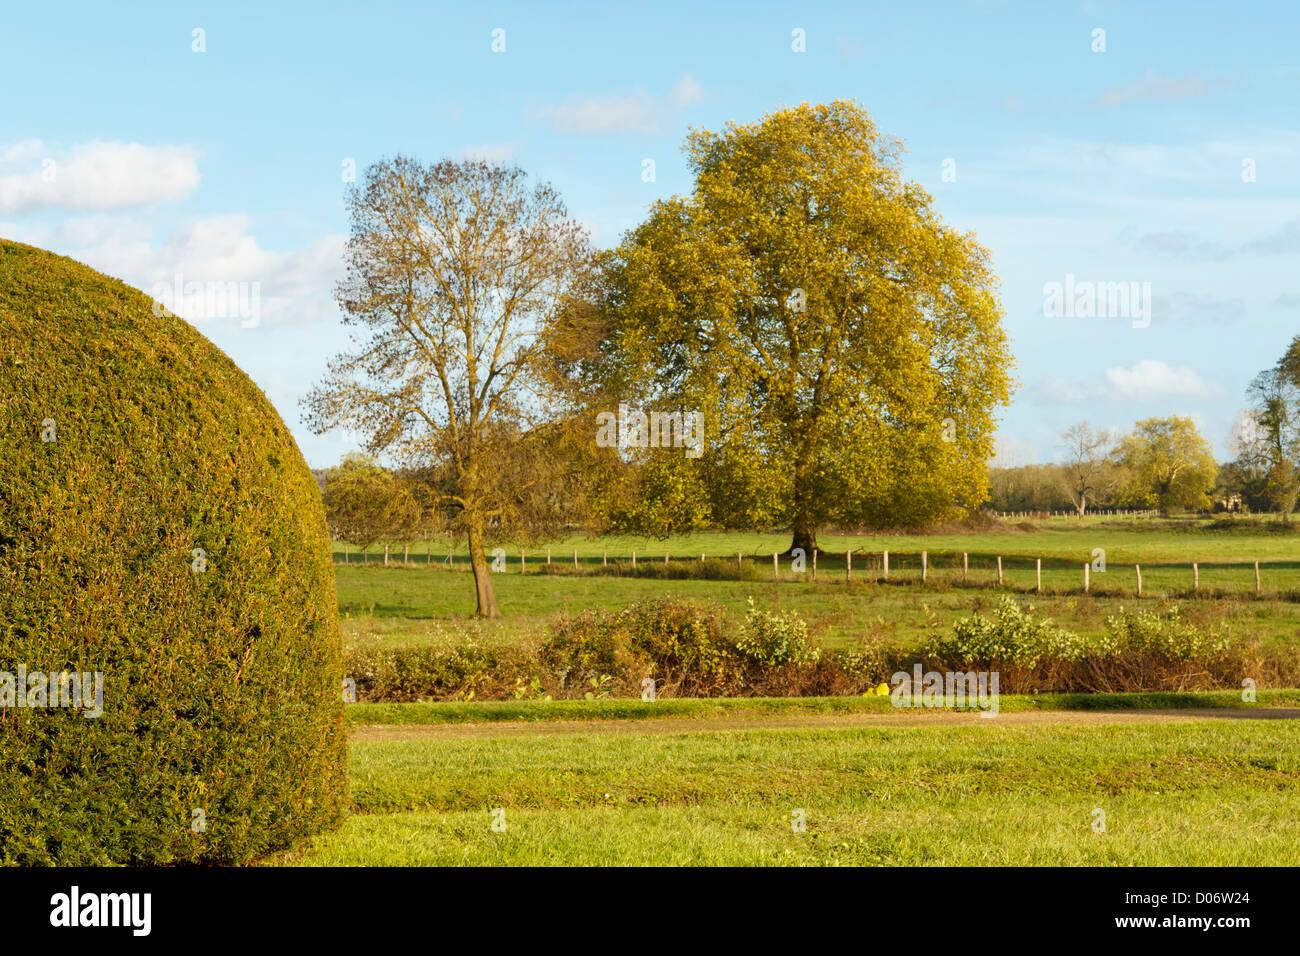 Topiaria da hedge nei campi. Immagini Stock